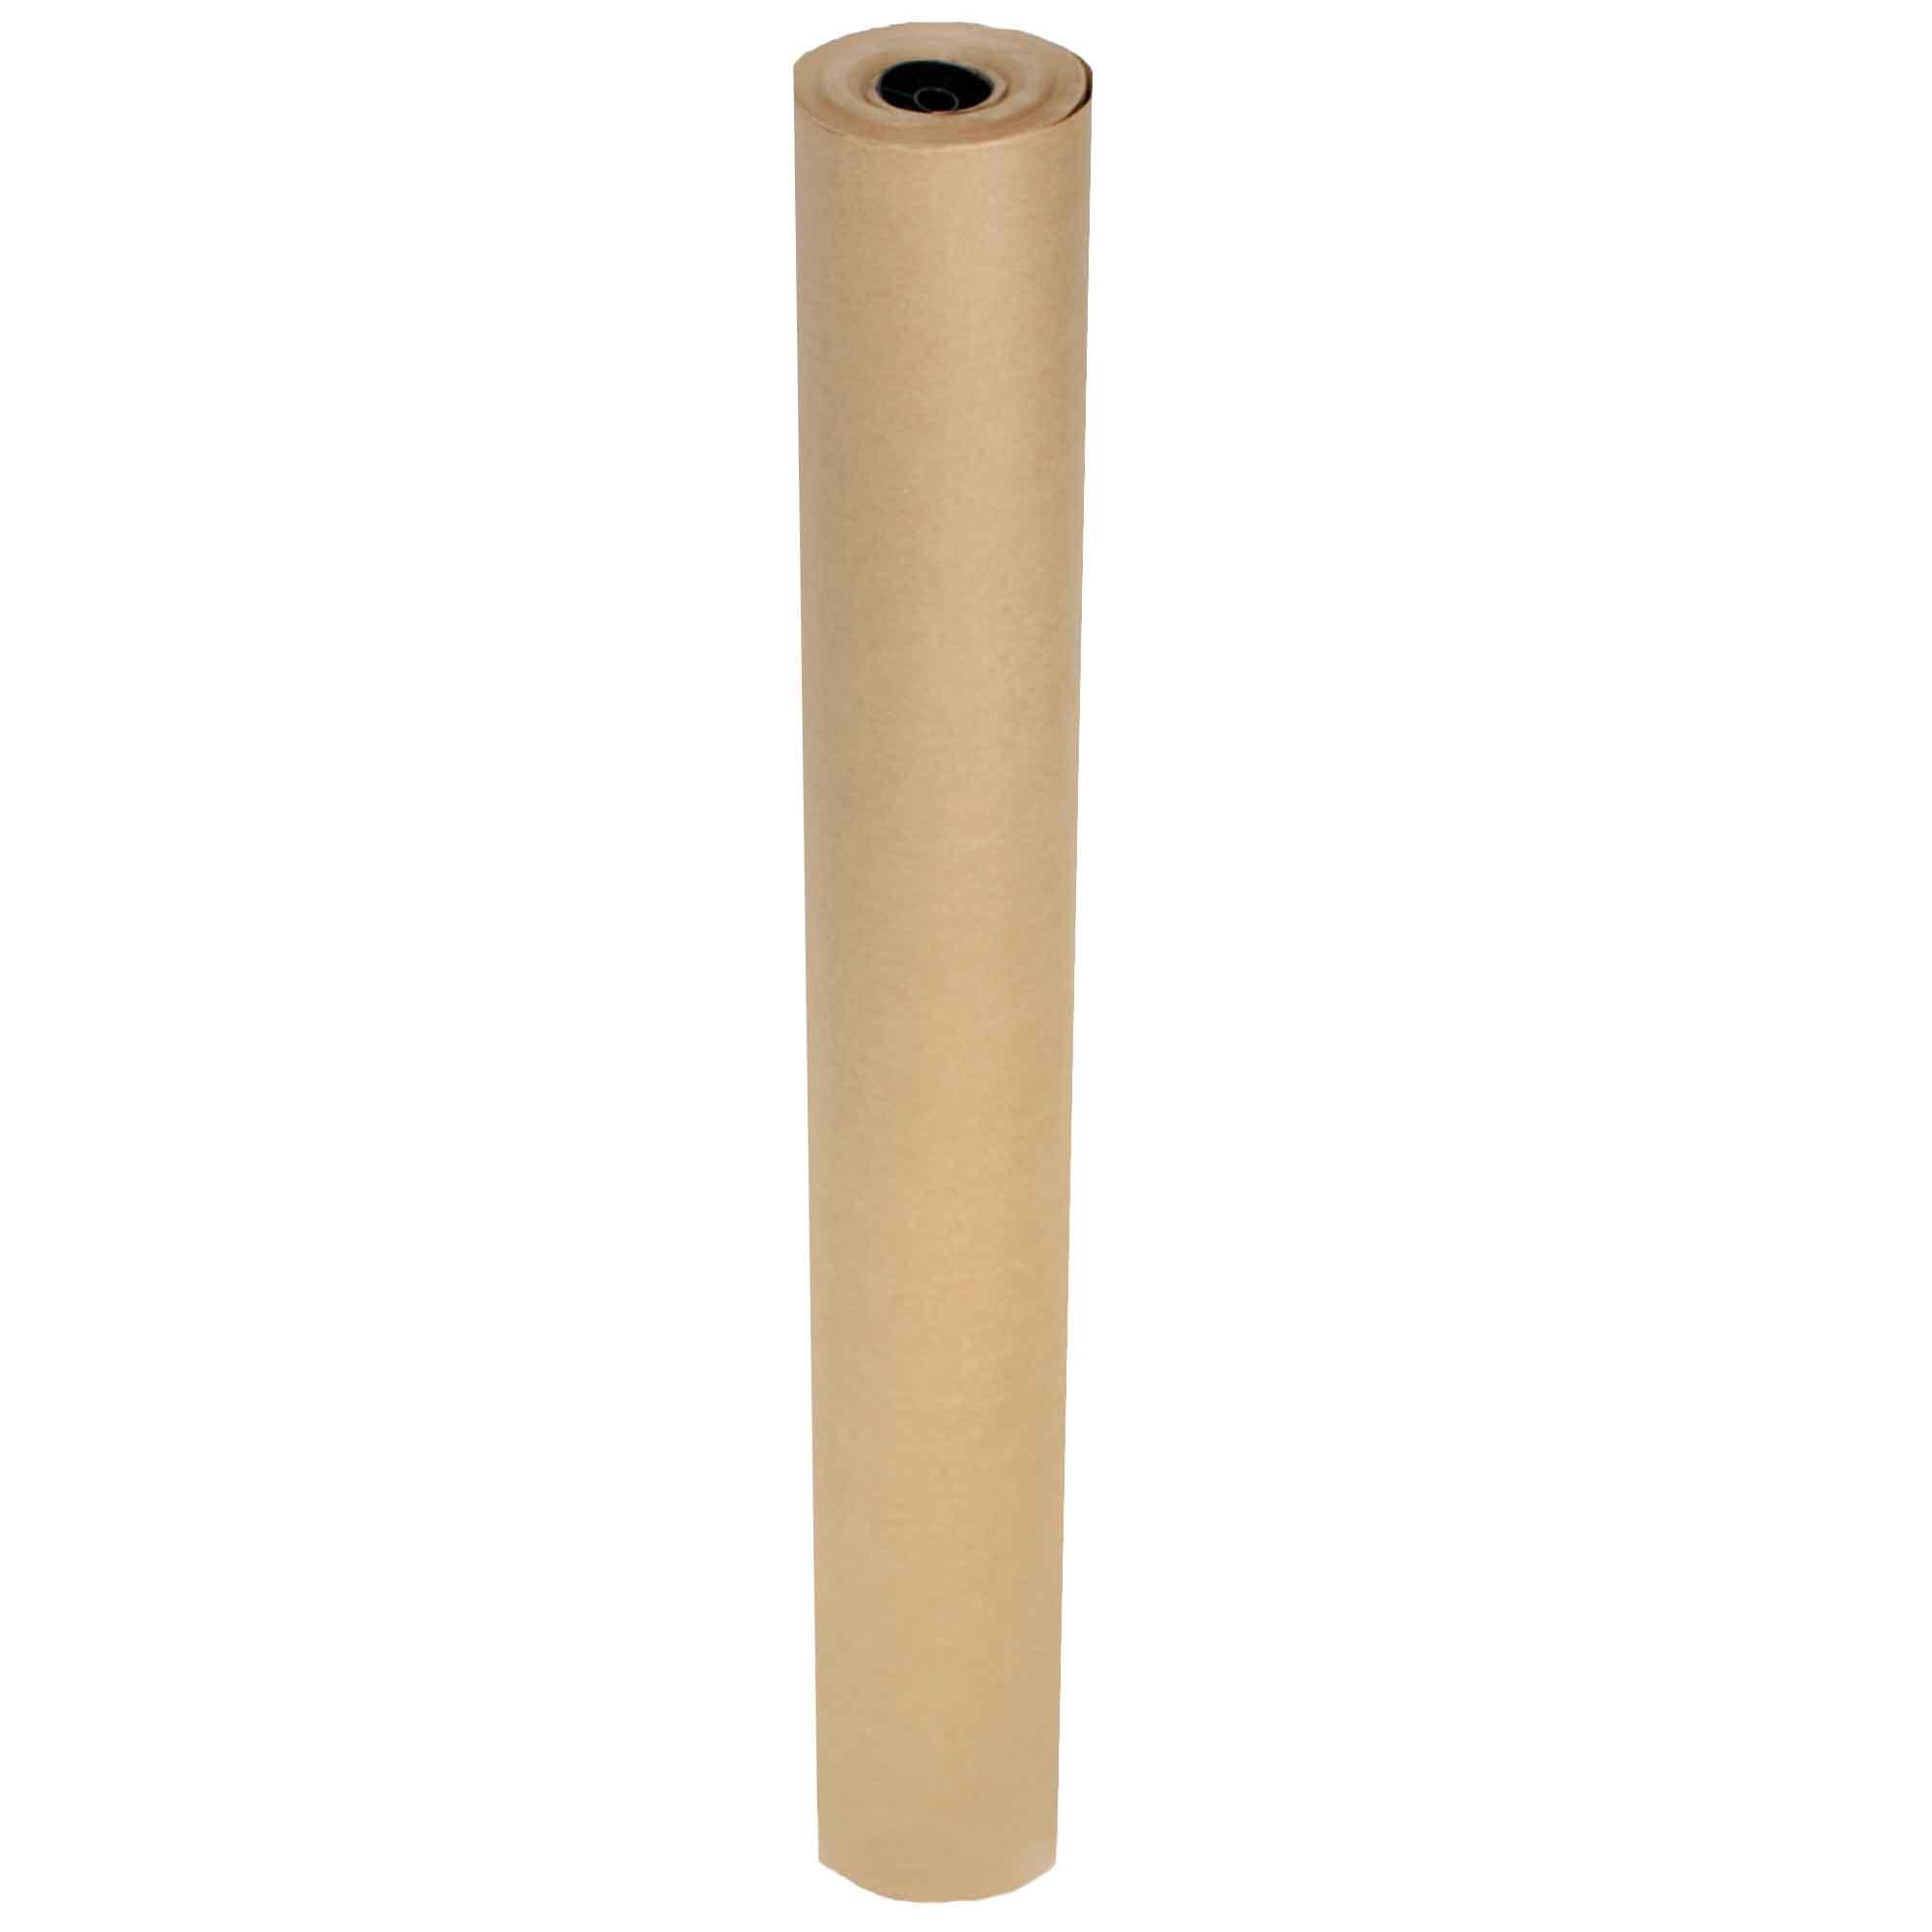 Bobina Papel Pardo Kraft Monolucido 120cm 80G Supplypack 10KG